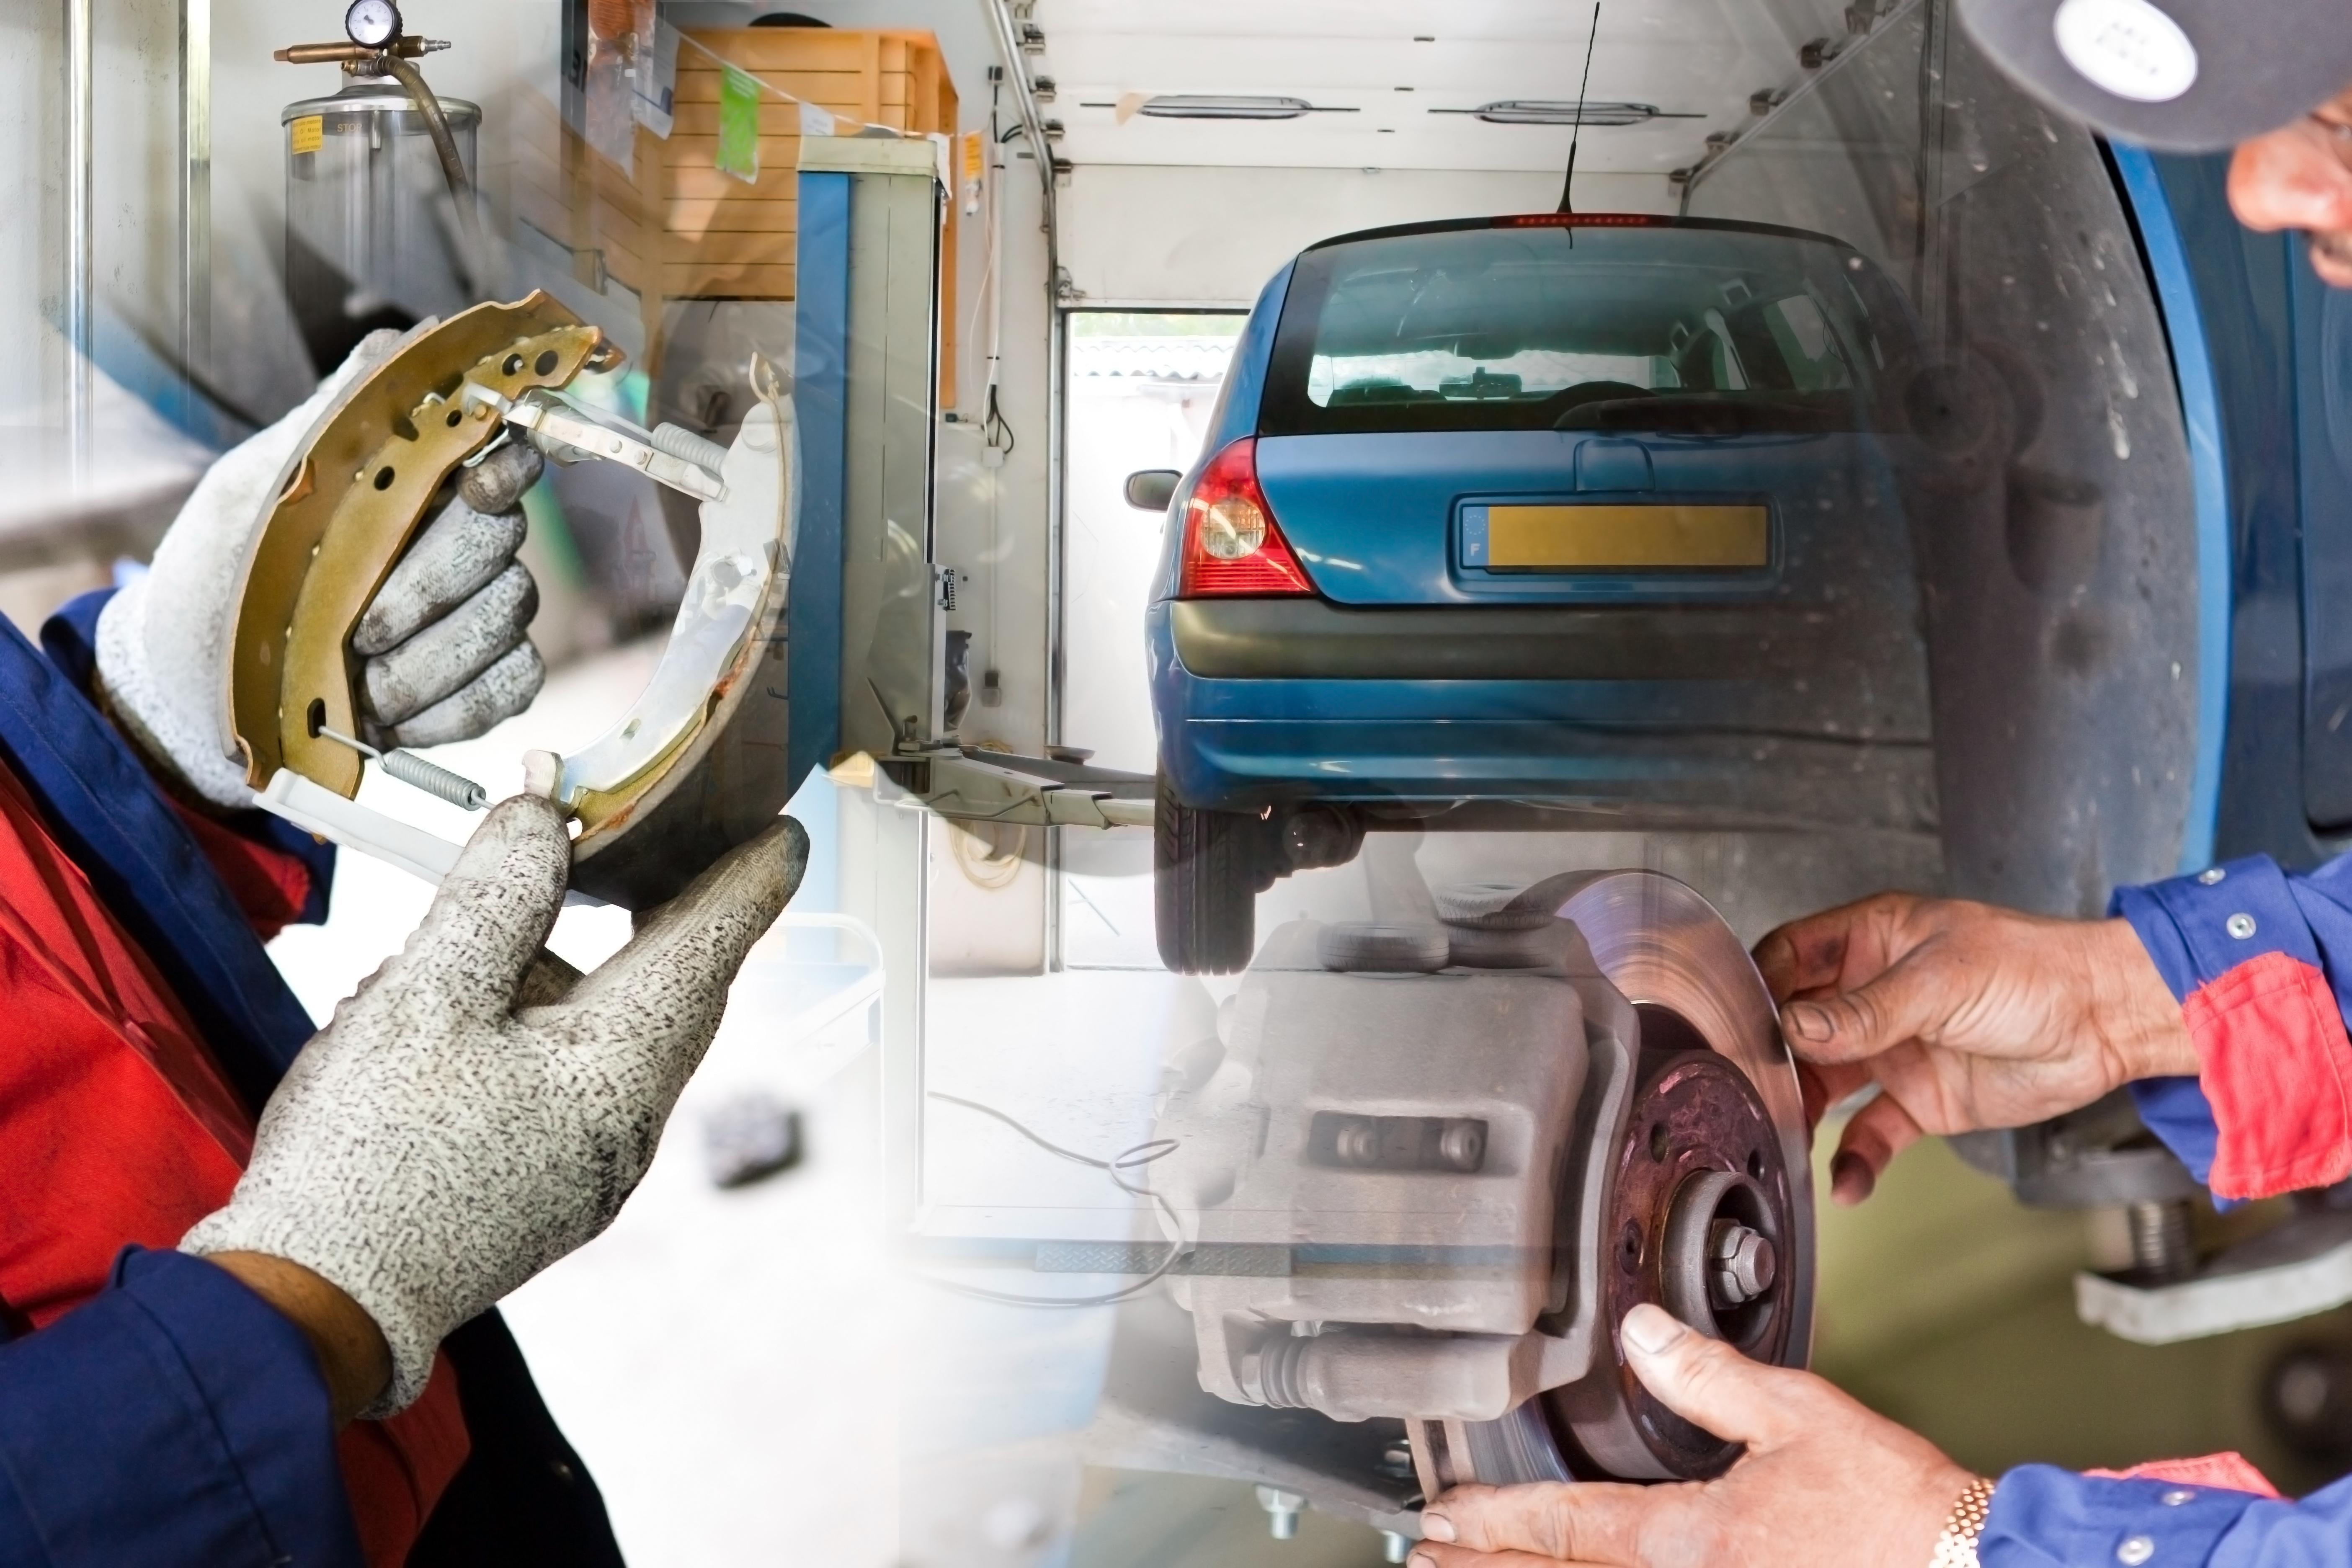 Verifică-ți mașina înainte de a pleca în concediu kparts.ro